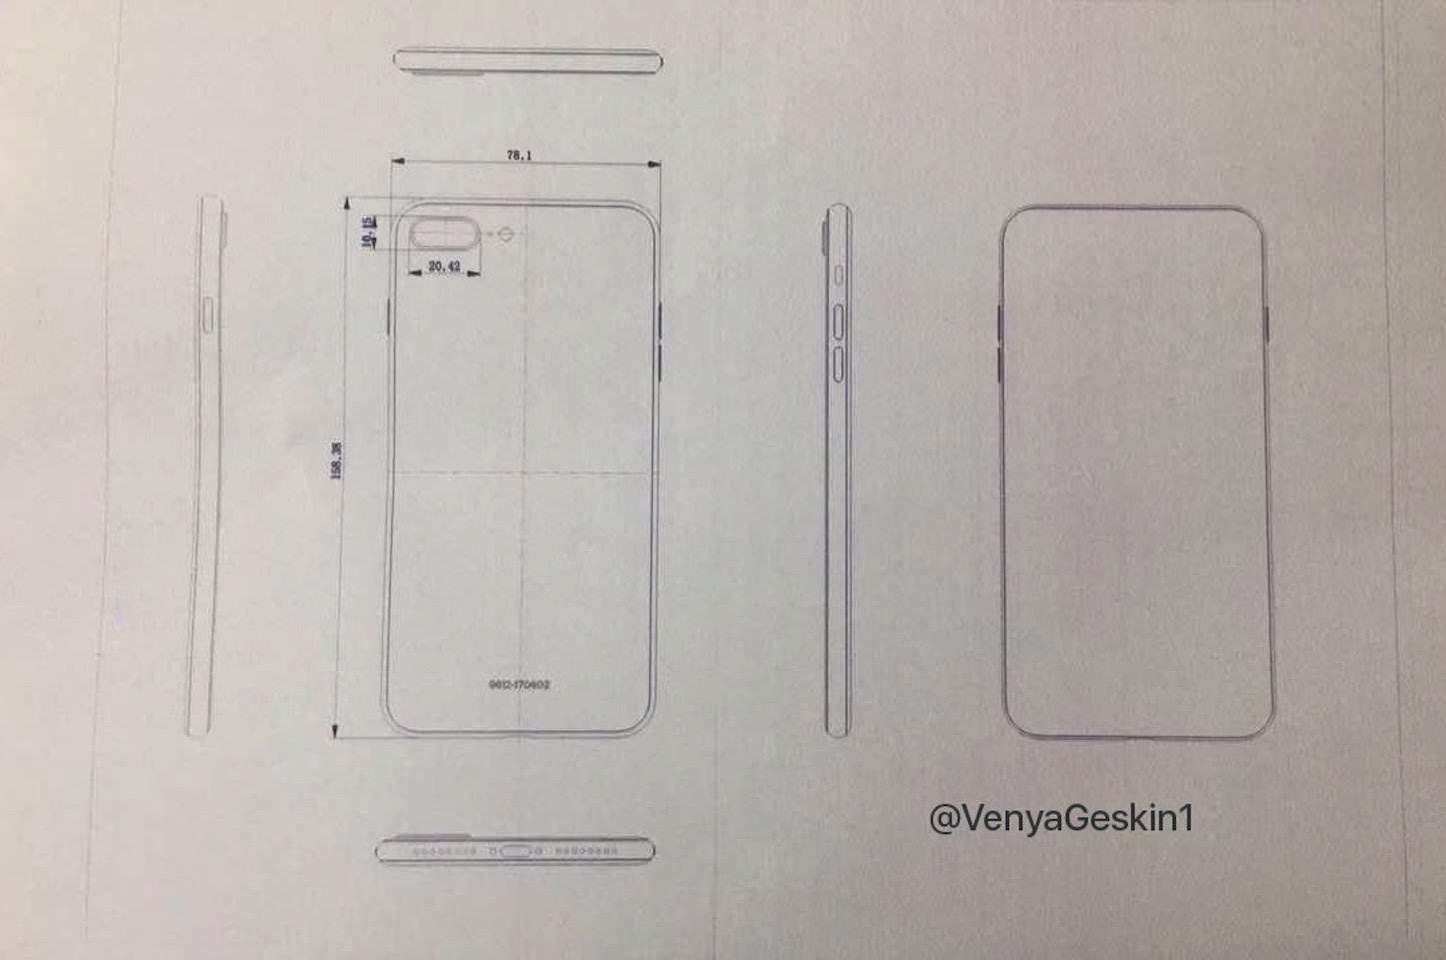 iphone7s-drawings-2.jpg